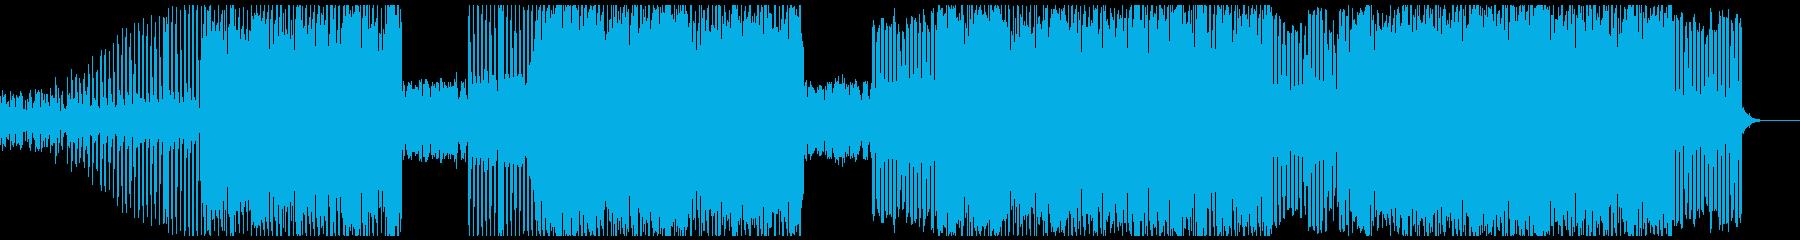 不気味なアンビエント調のテクノポップの再生済みの波形